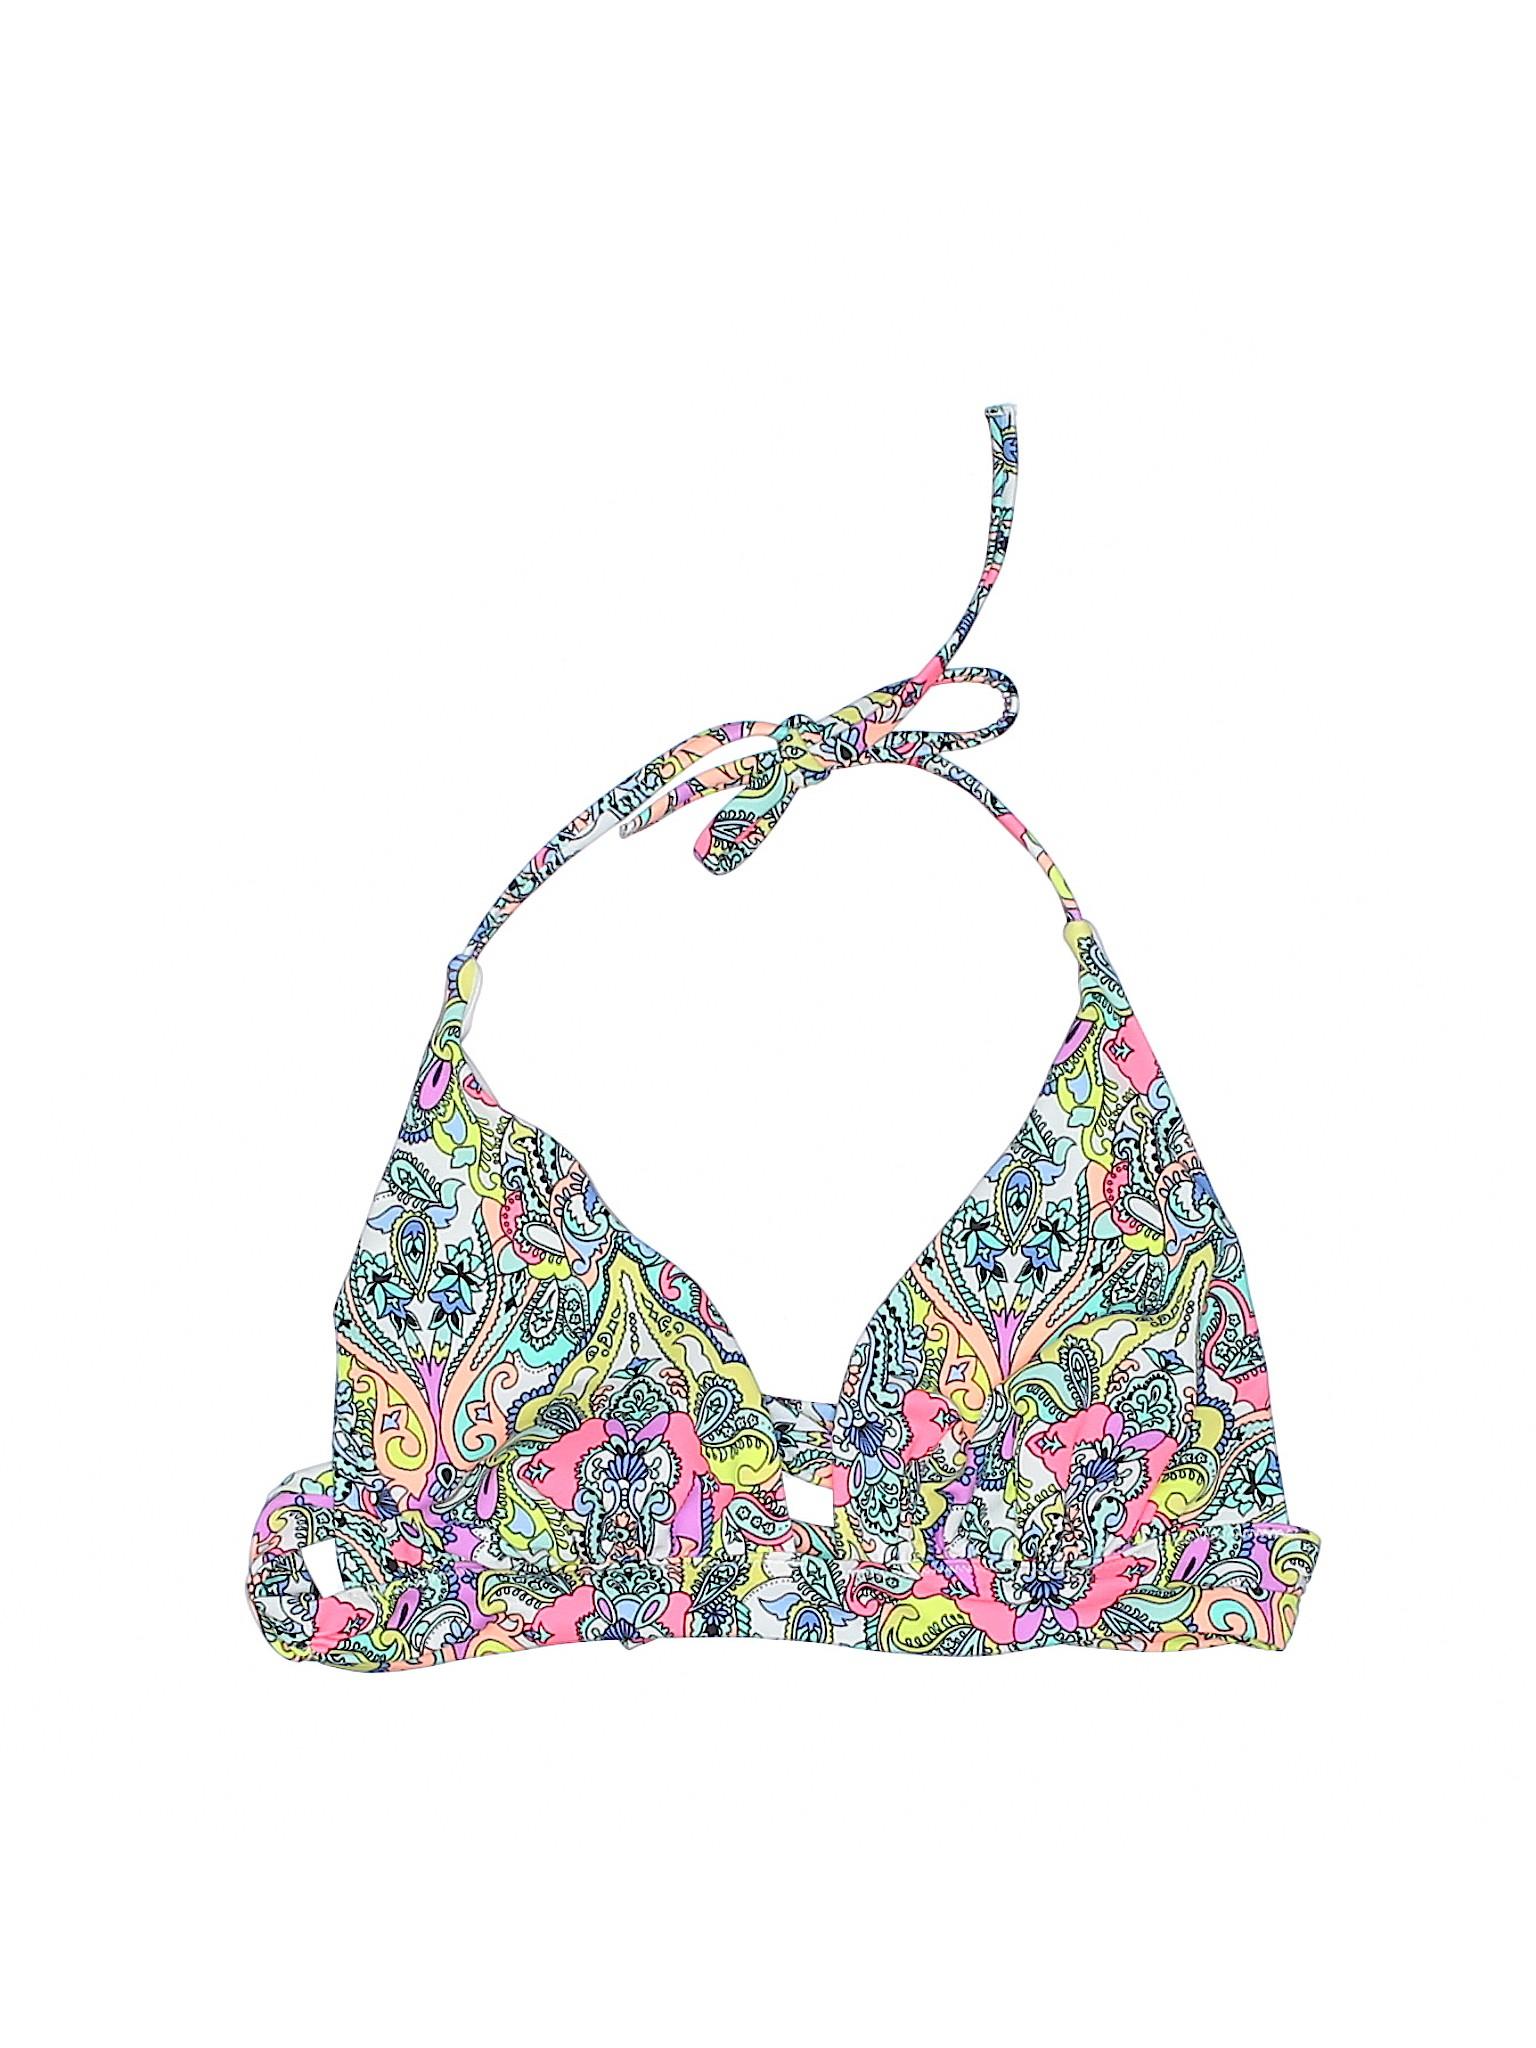 Swimsuit Top Swimsuit Boutique Secret Boutique Victoria's Victoria's Secret B18qwY6